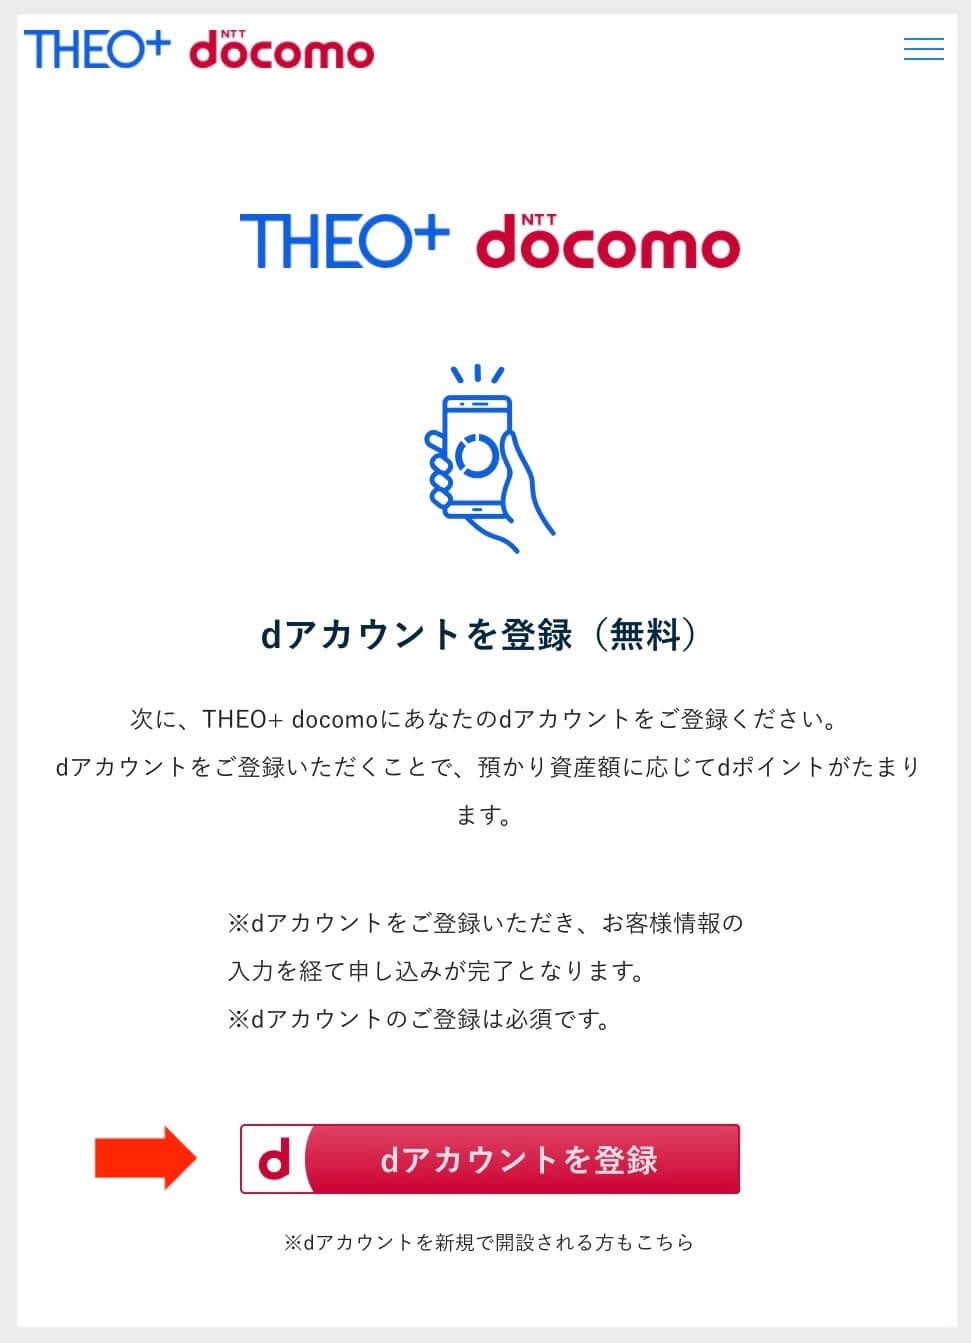 THEO+docomo_dアカウントを登録